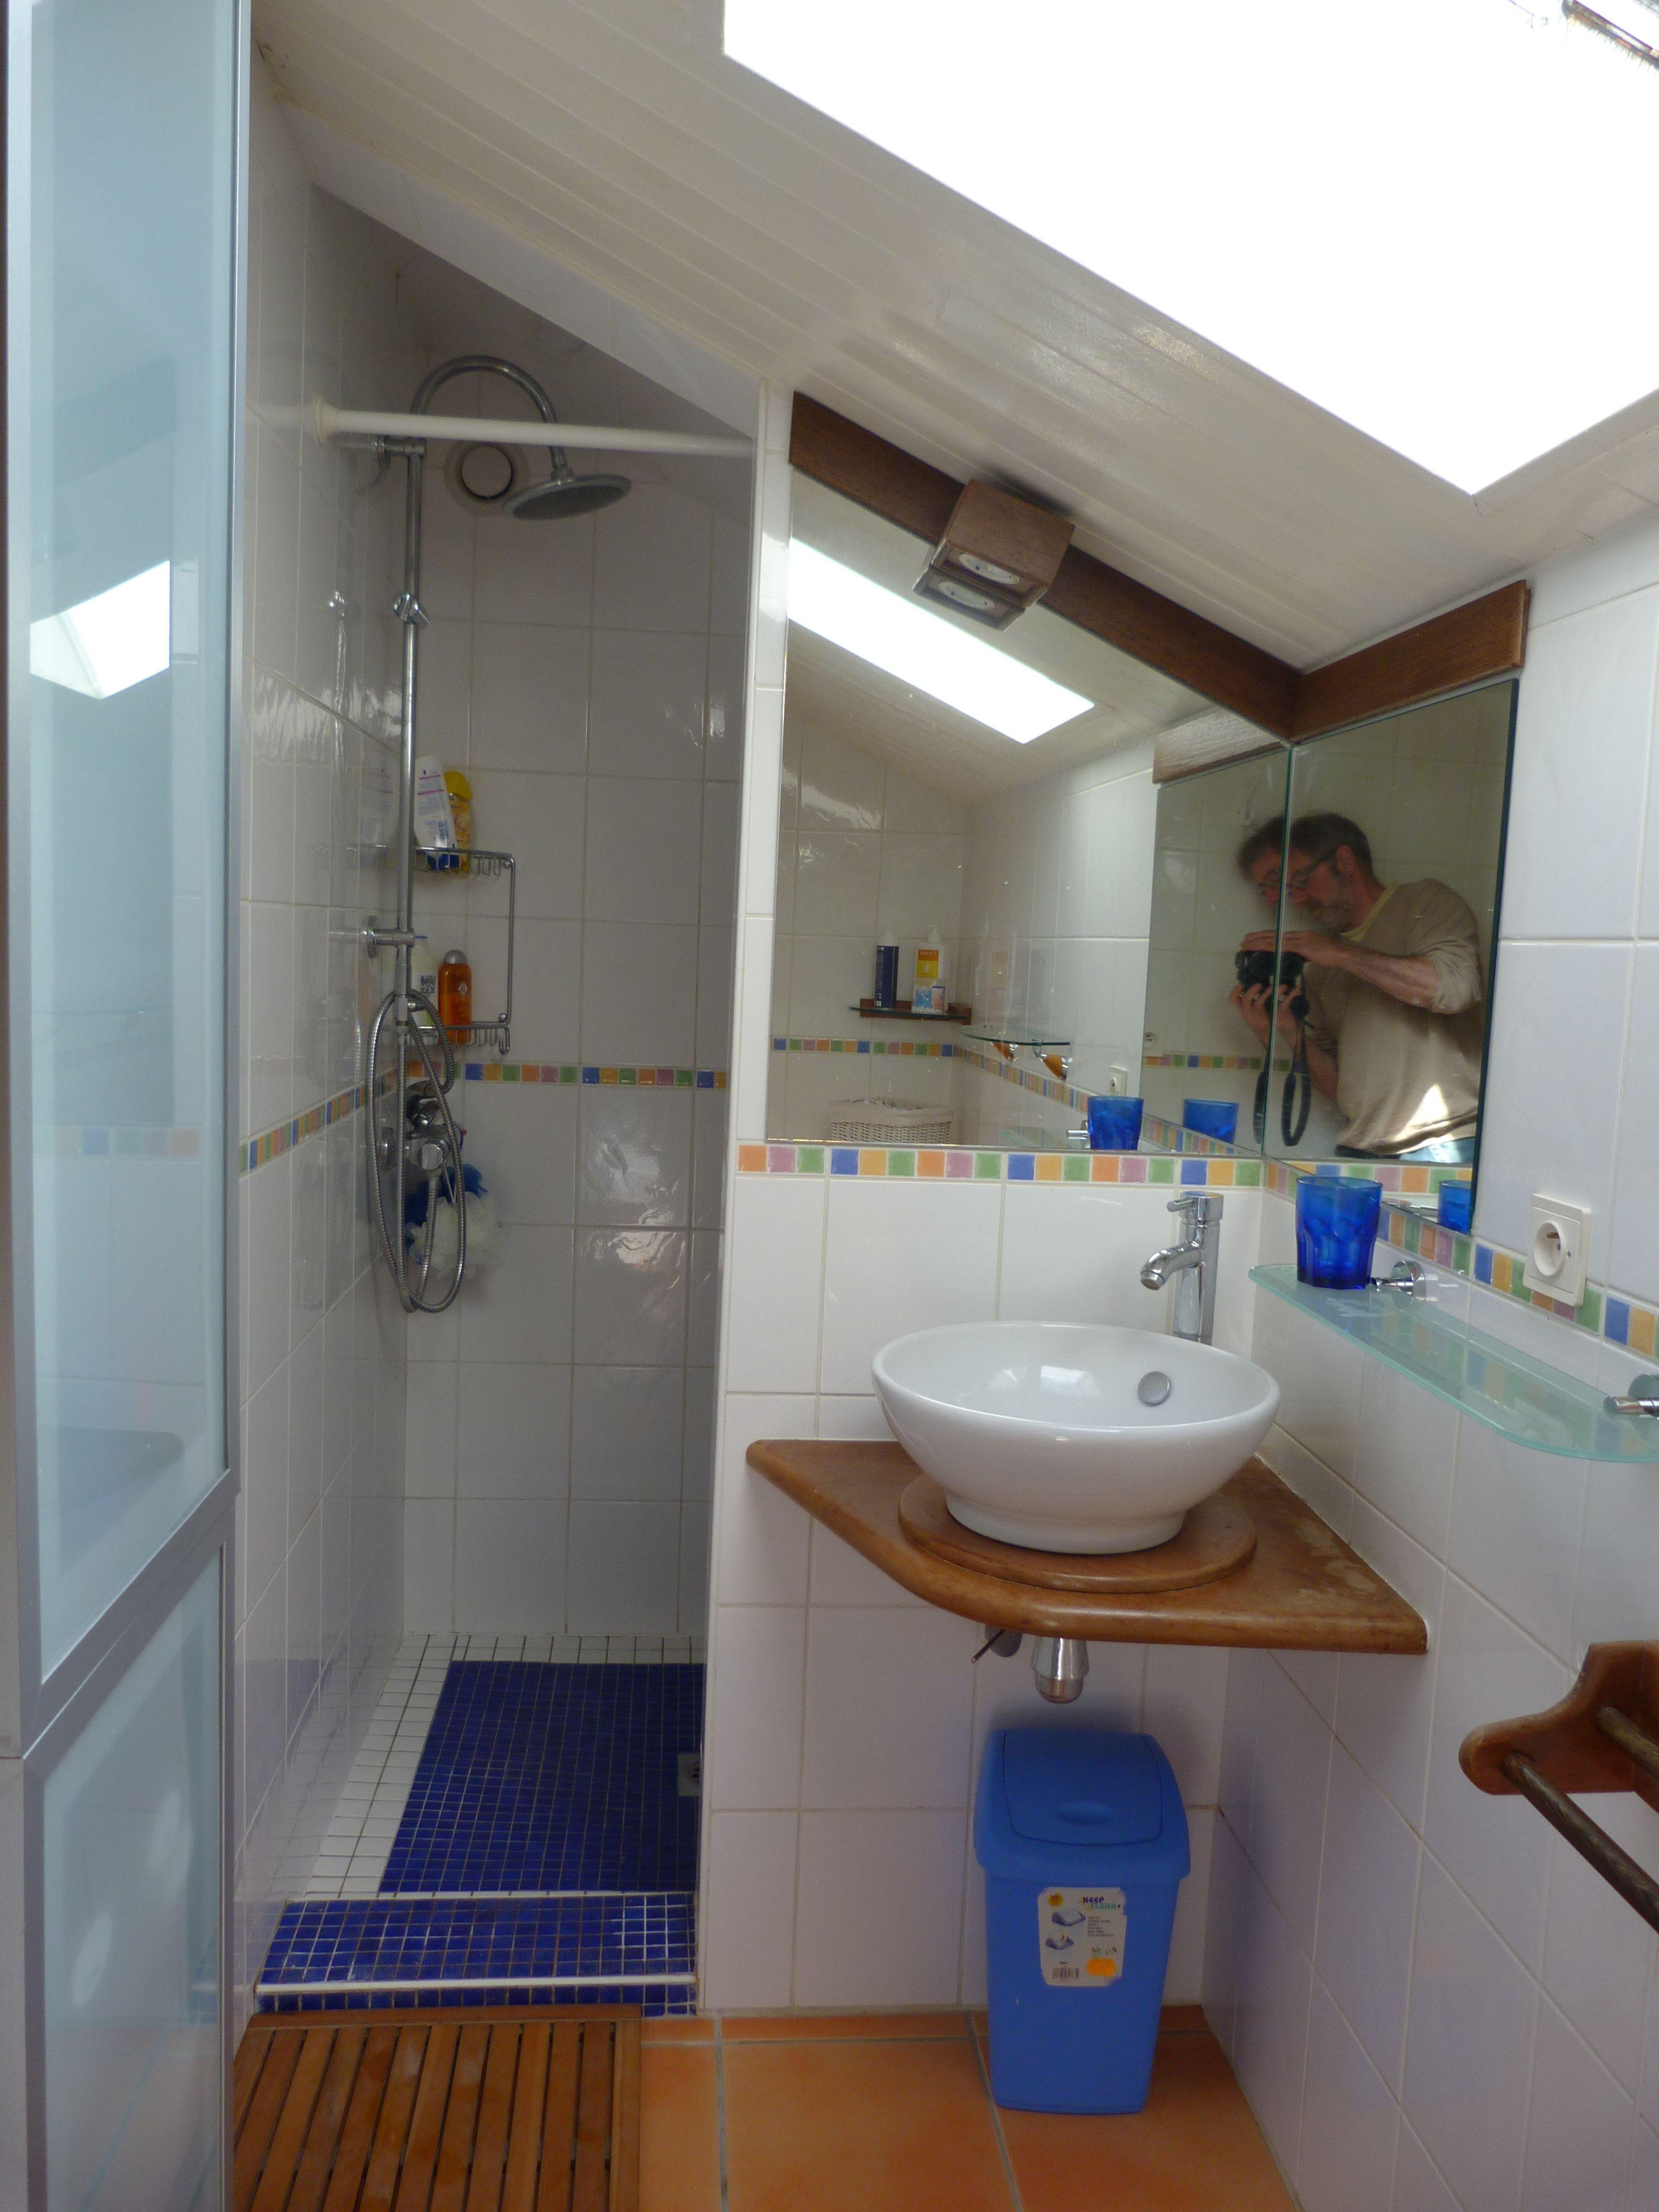 petite chambre avec salle de bain aux jardins dalice chambres d 39 h tes h bergement salle. Black Bedroom Furniture Sets. Home Design Ideas